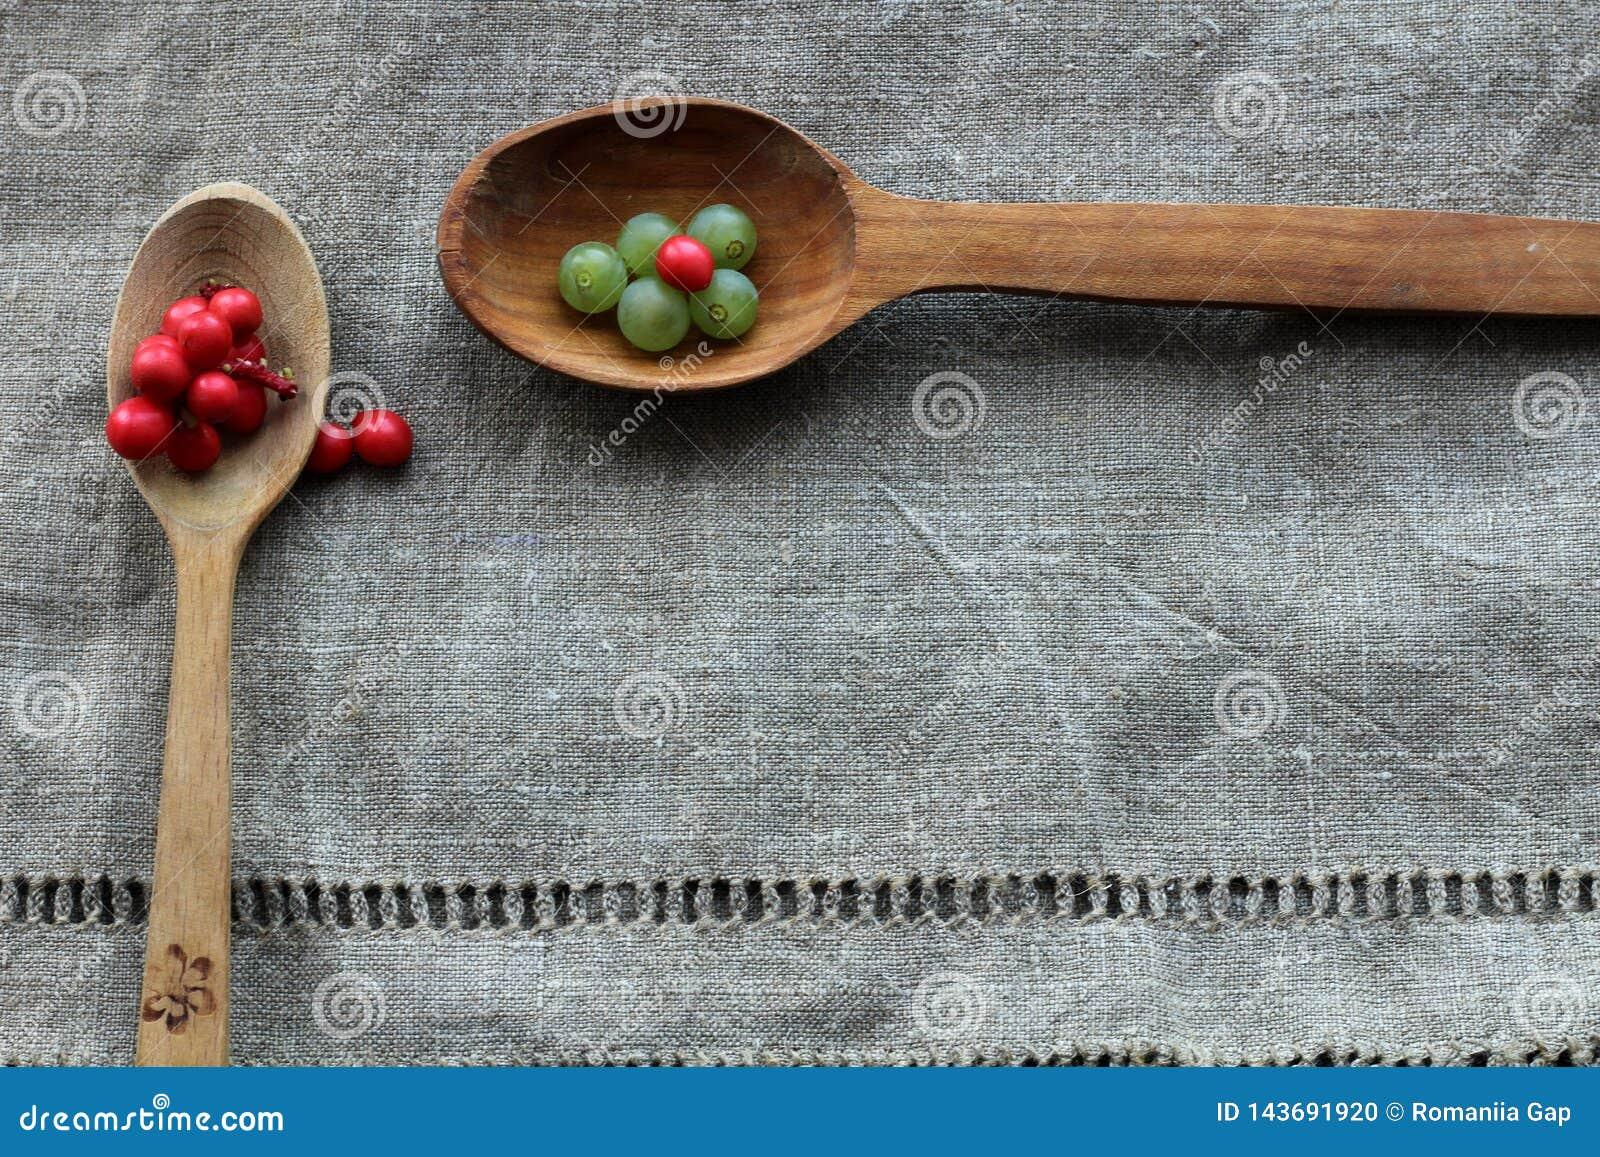 葡萄小绿色莓果和柠檬香茅红色莓果在说谎在布料的两把木匙子的由麻袋布制成